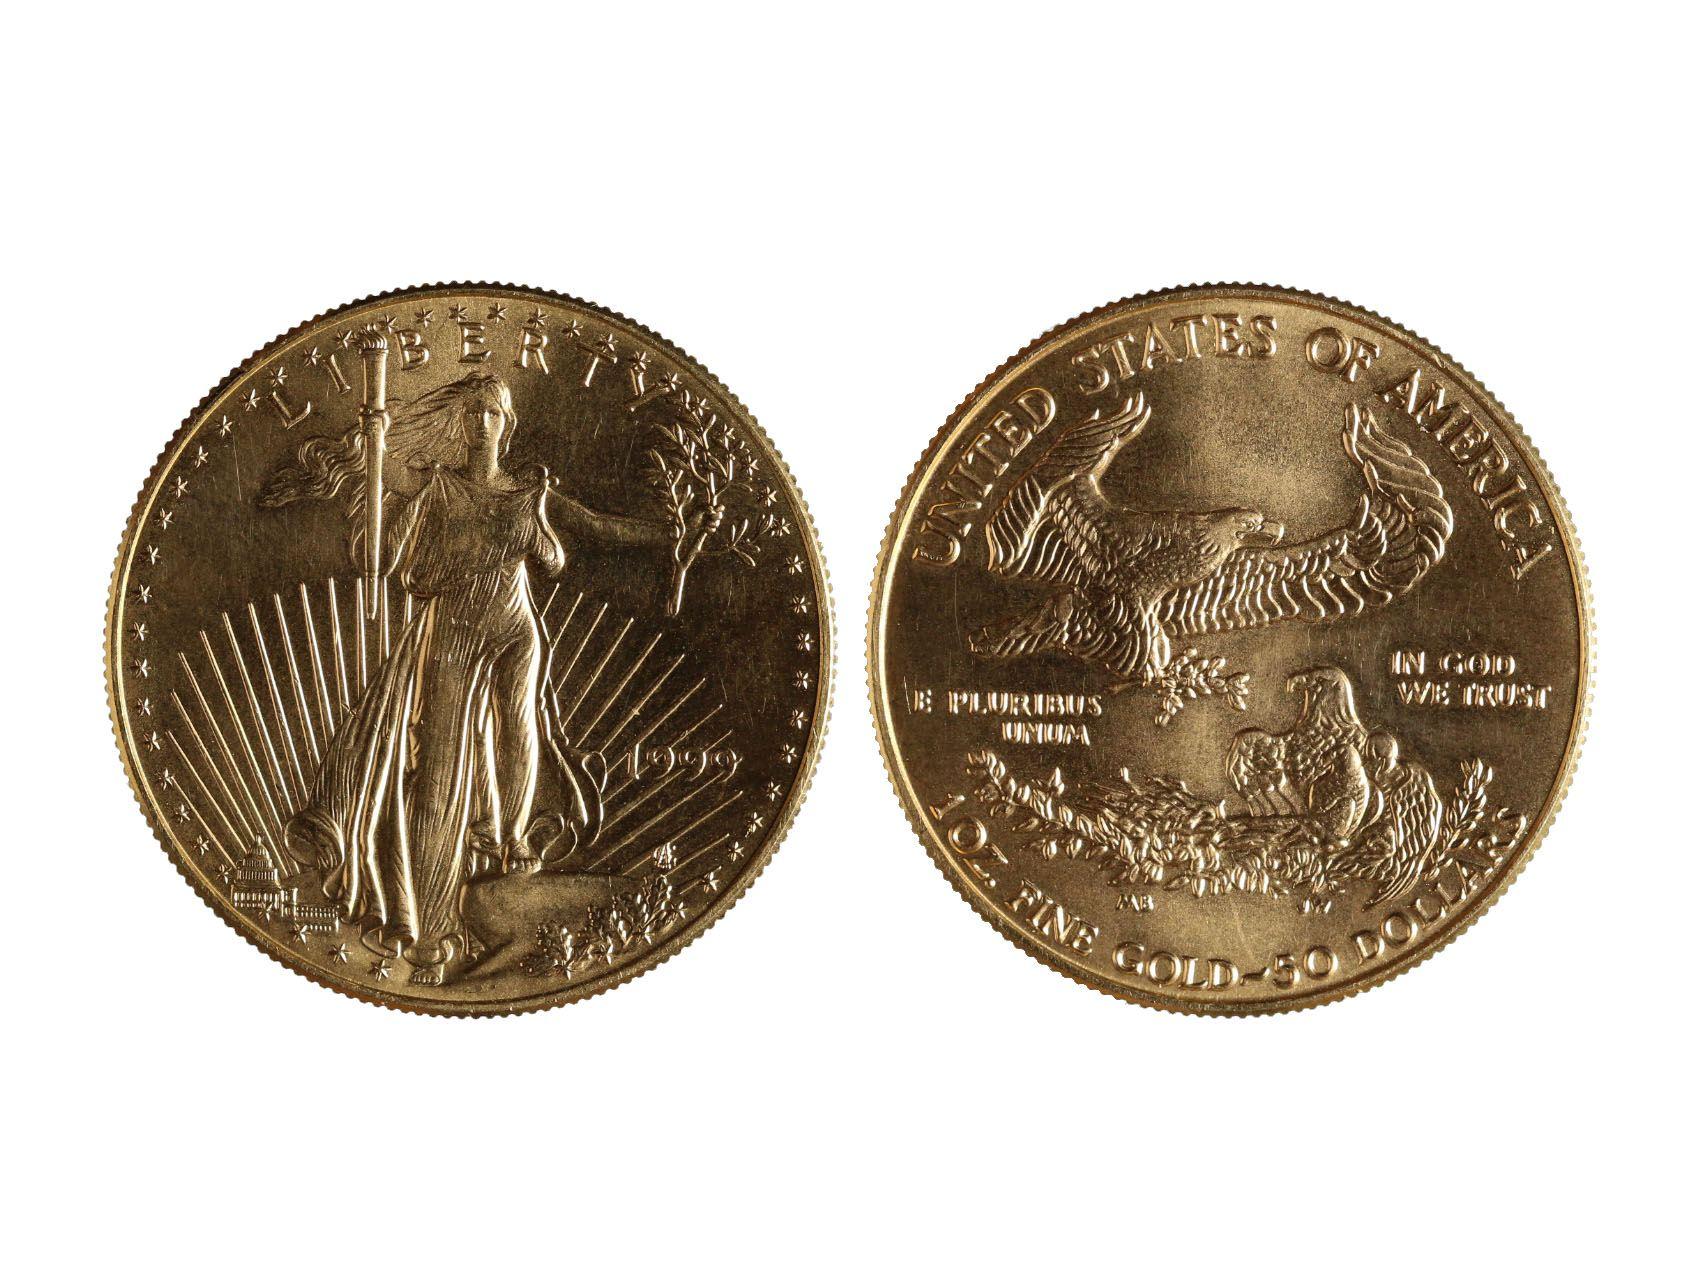 USA, 50 Dollar 1999 Liberty, Au 0,916, 33,93g, KM 219